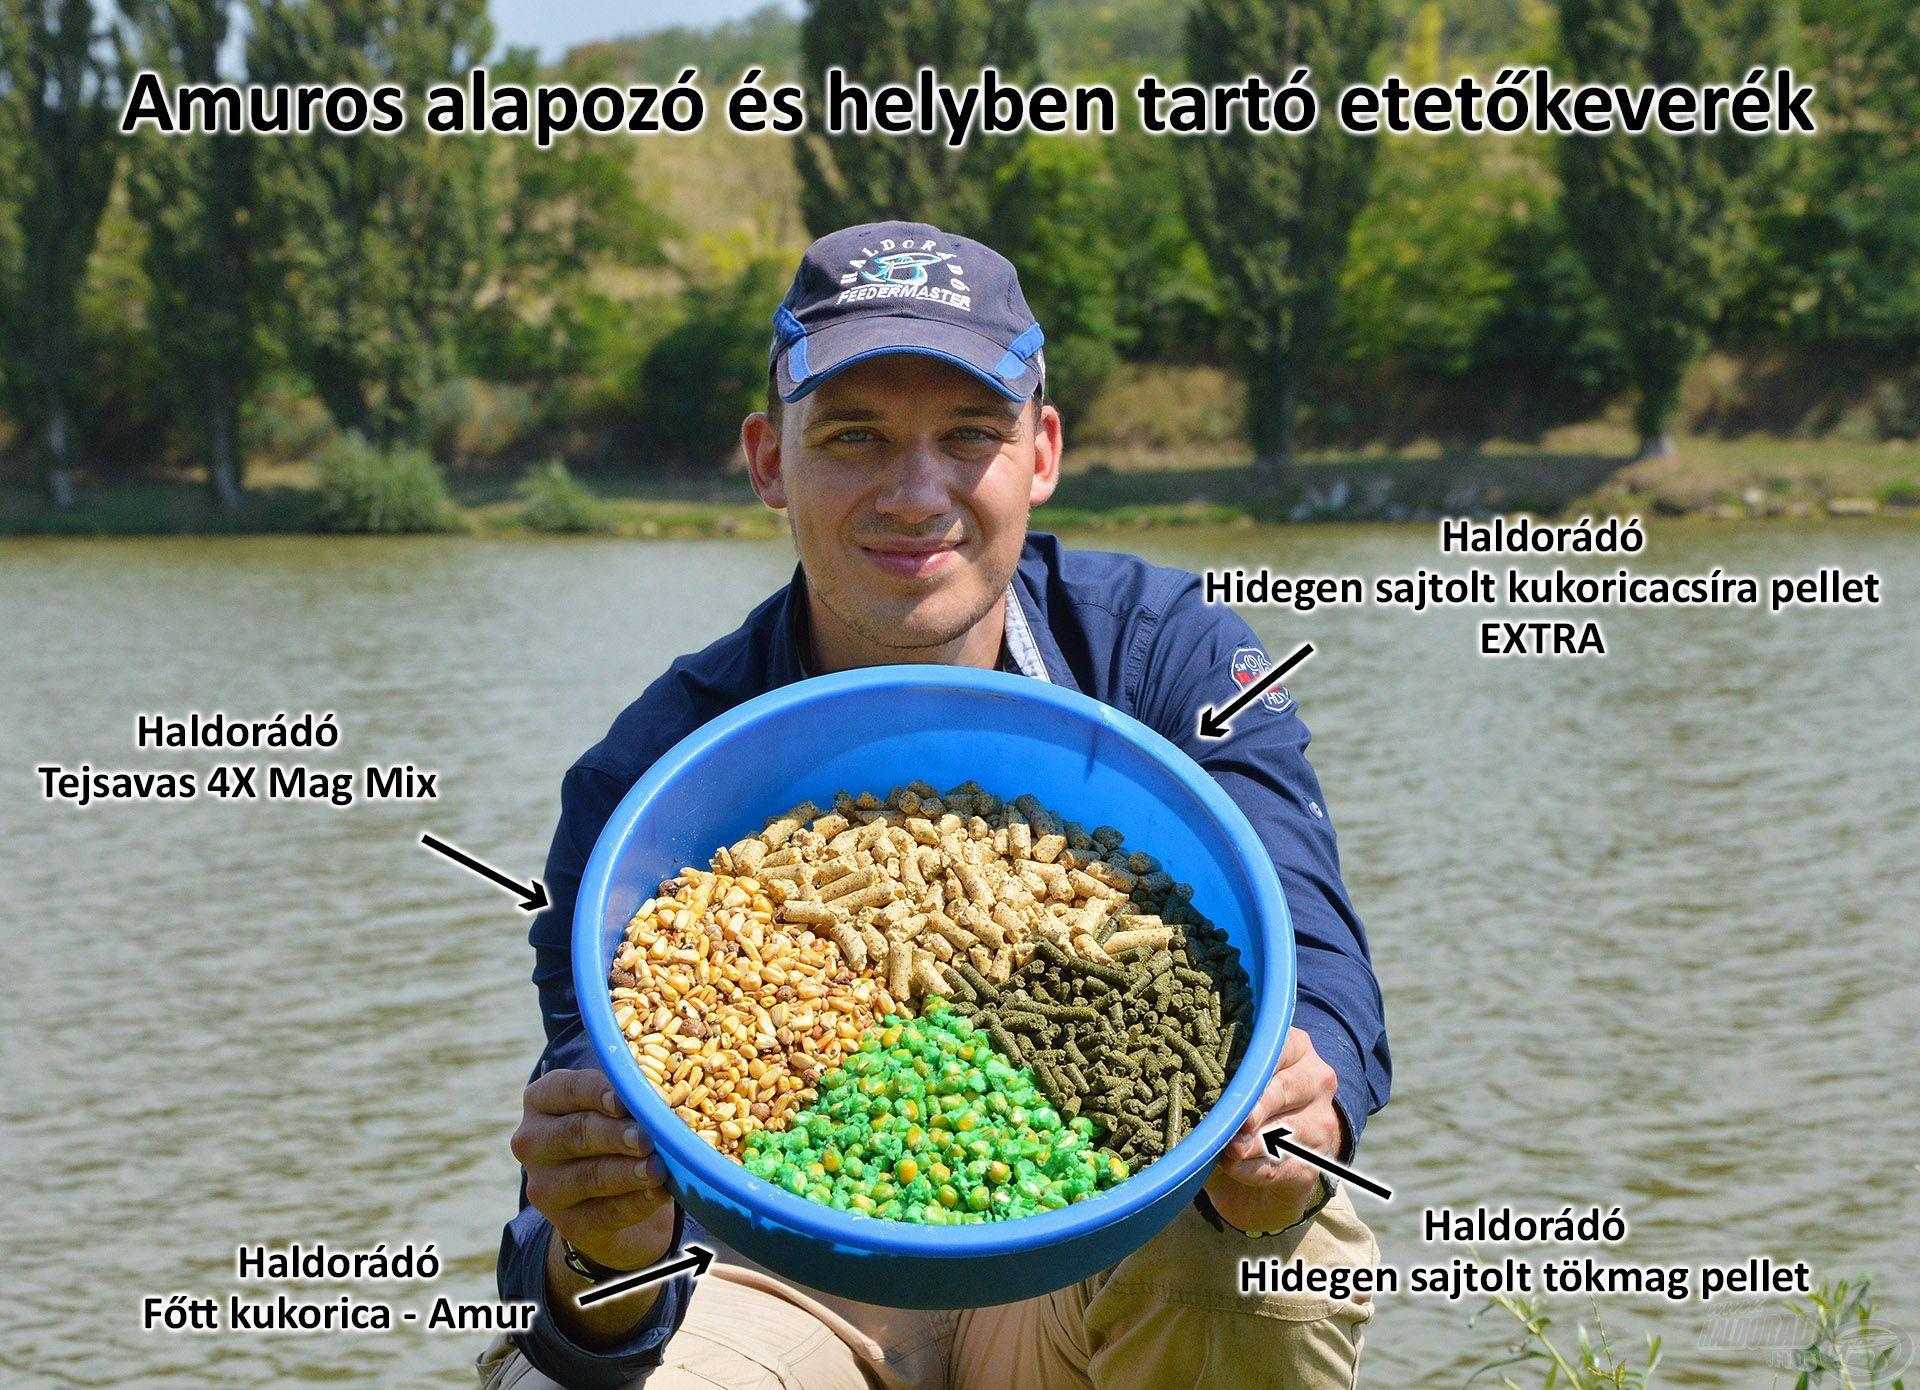 Hatékony amuros csalogatóanyagok alapozó és helyben tartó etetéshez